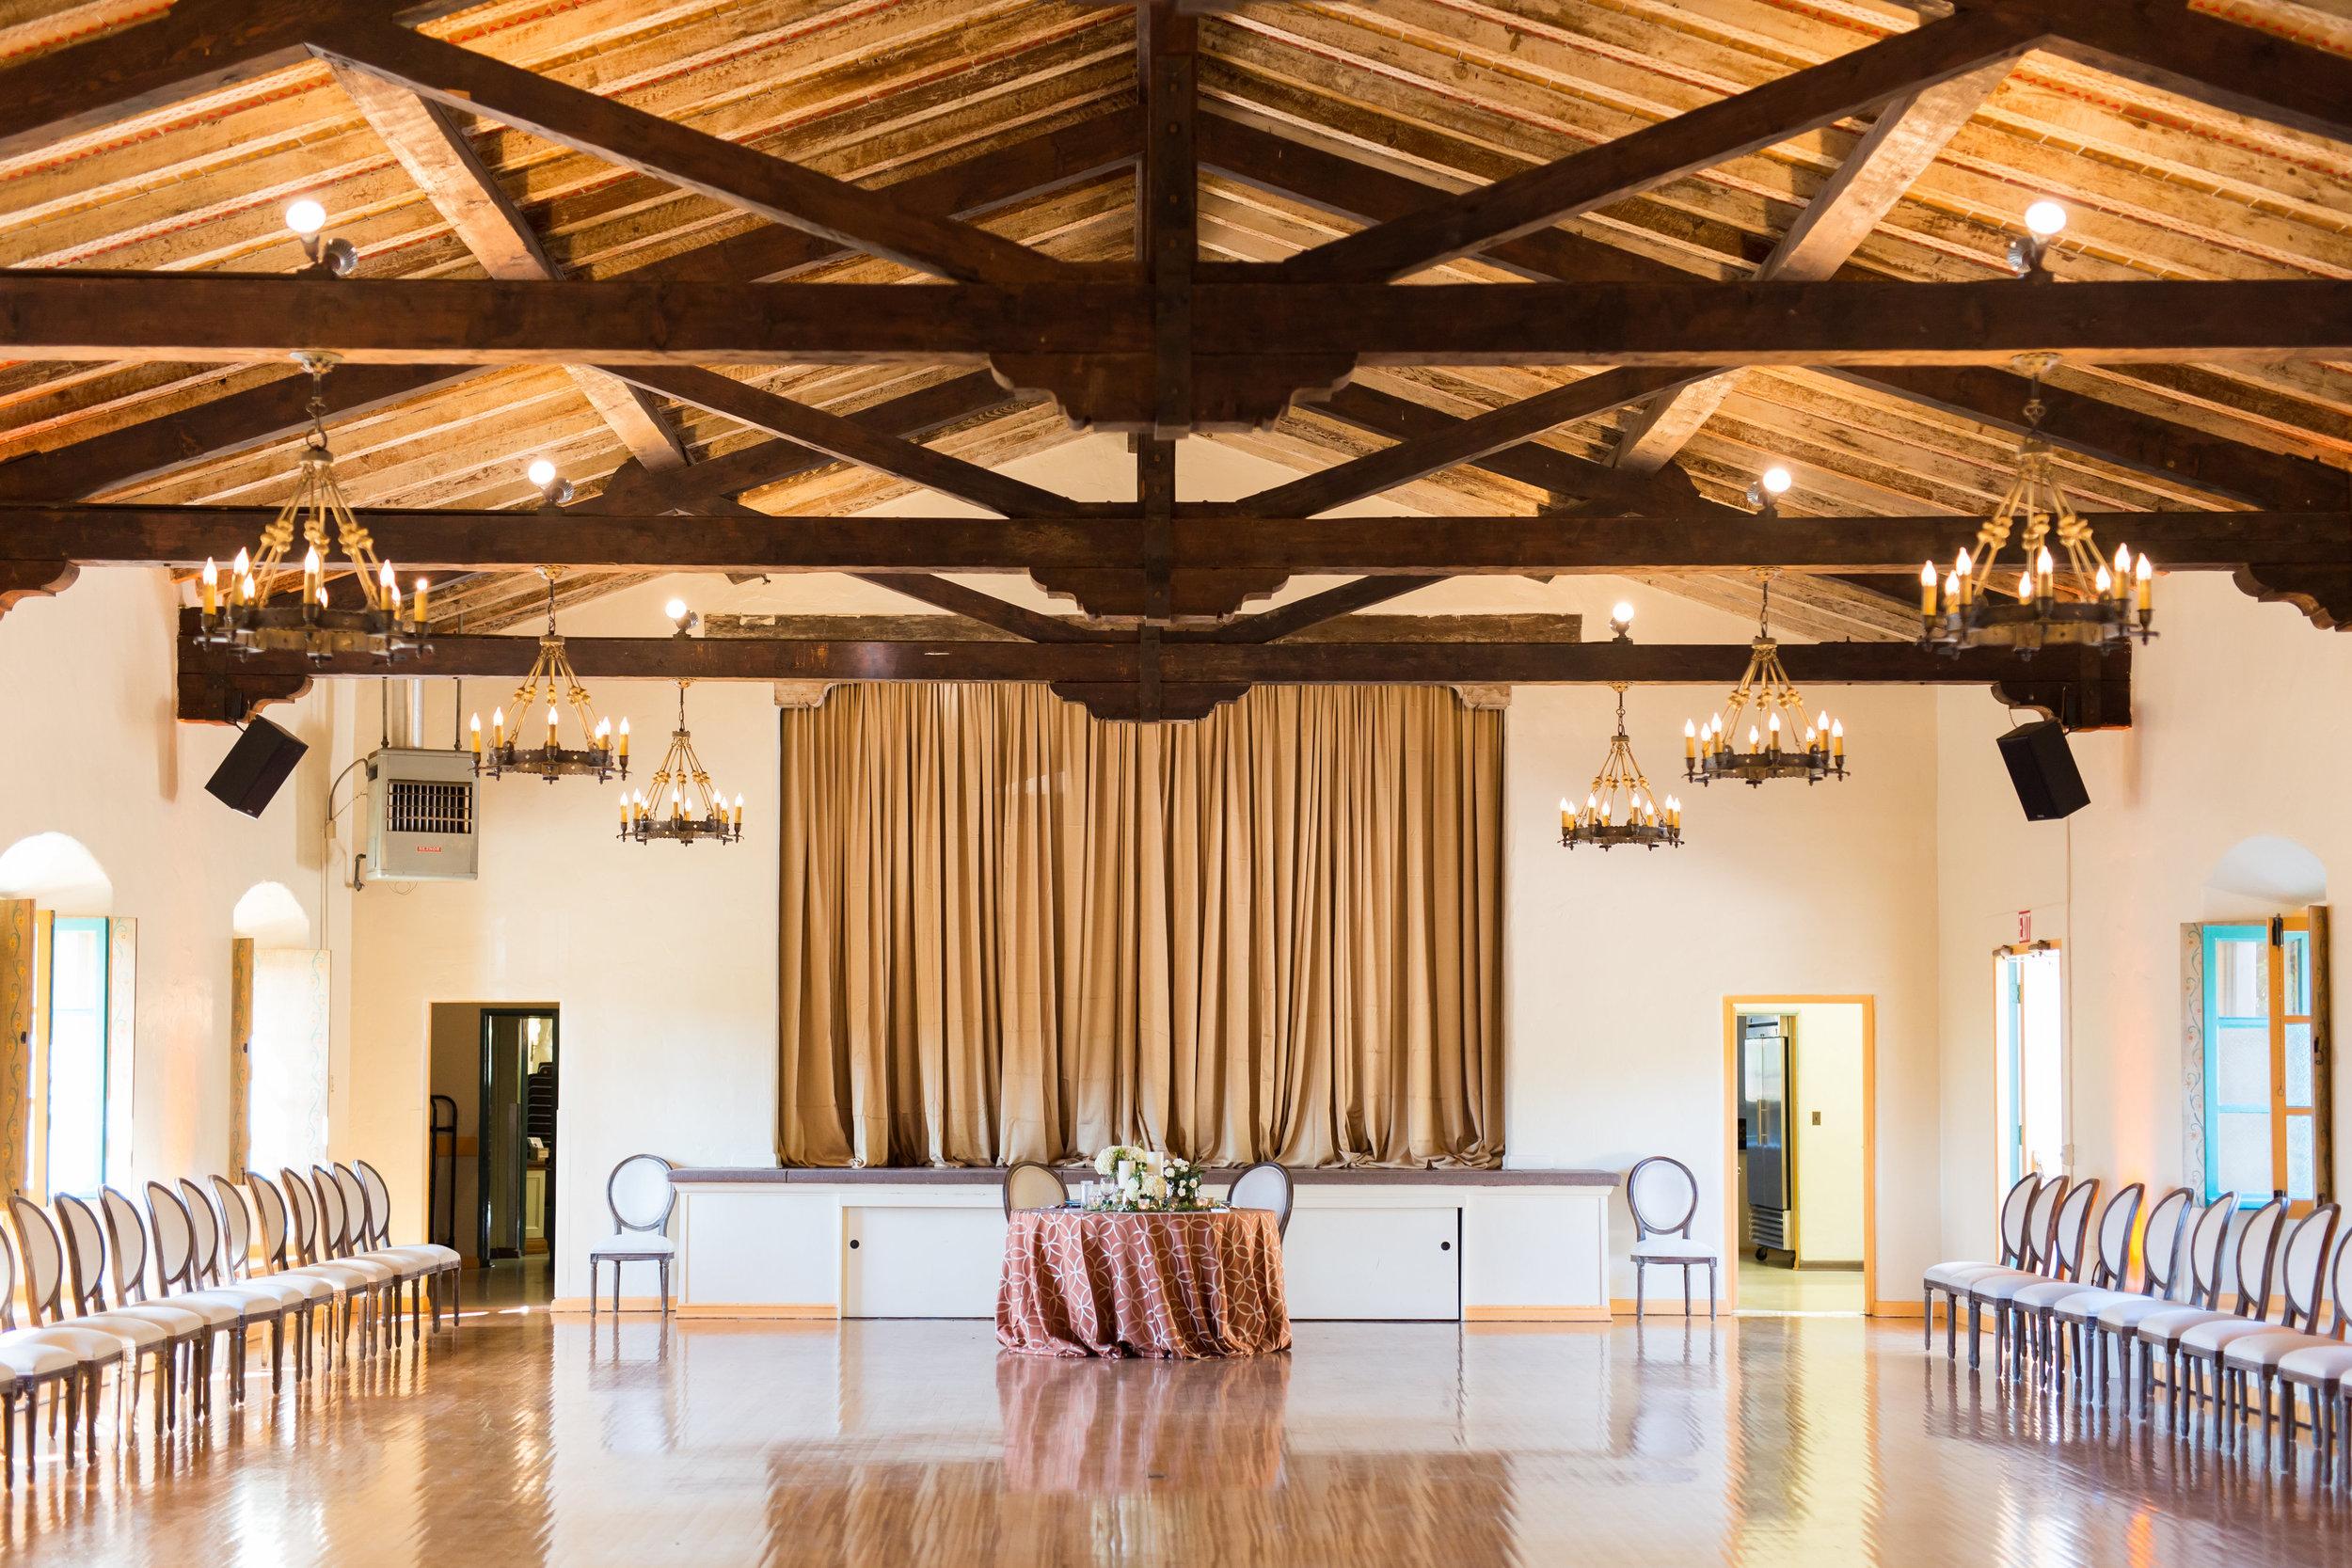 santabarbarawedding.com   Location Spotlight   Wedding Location   Serra Hall   Old Mission